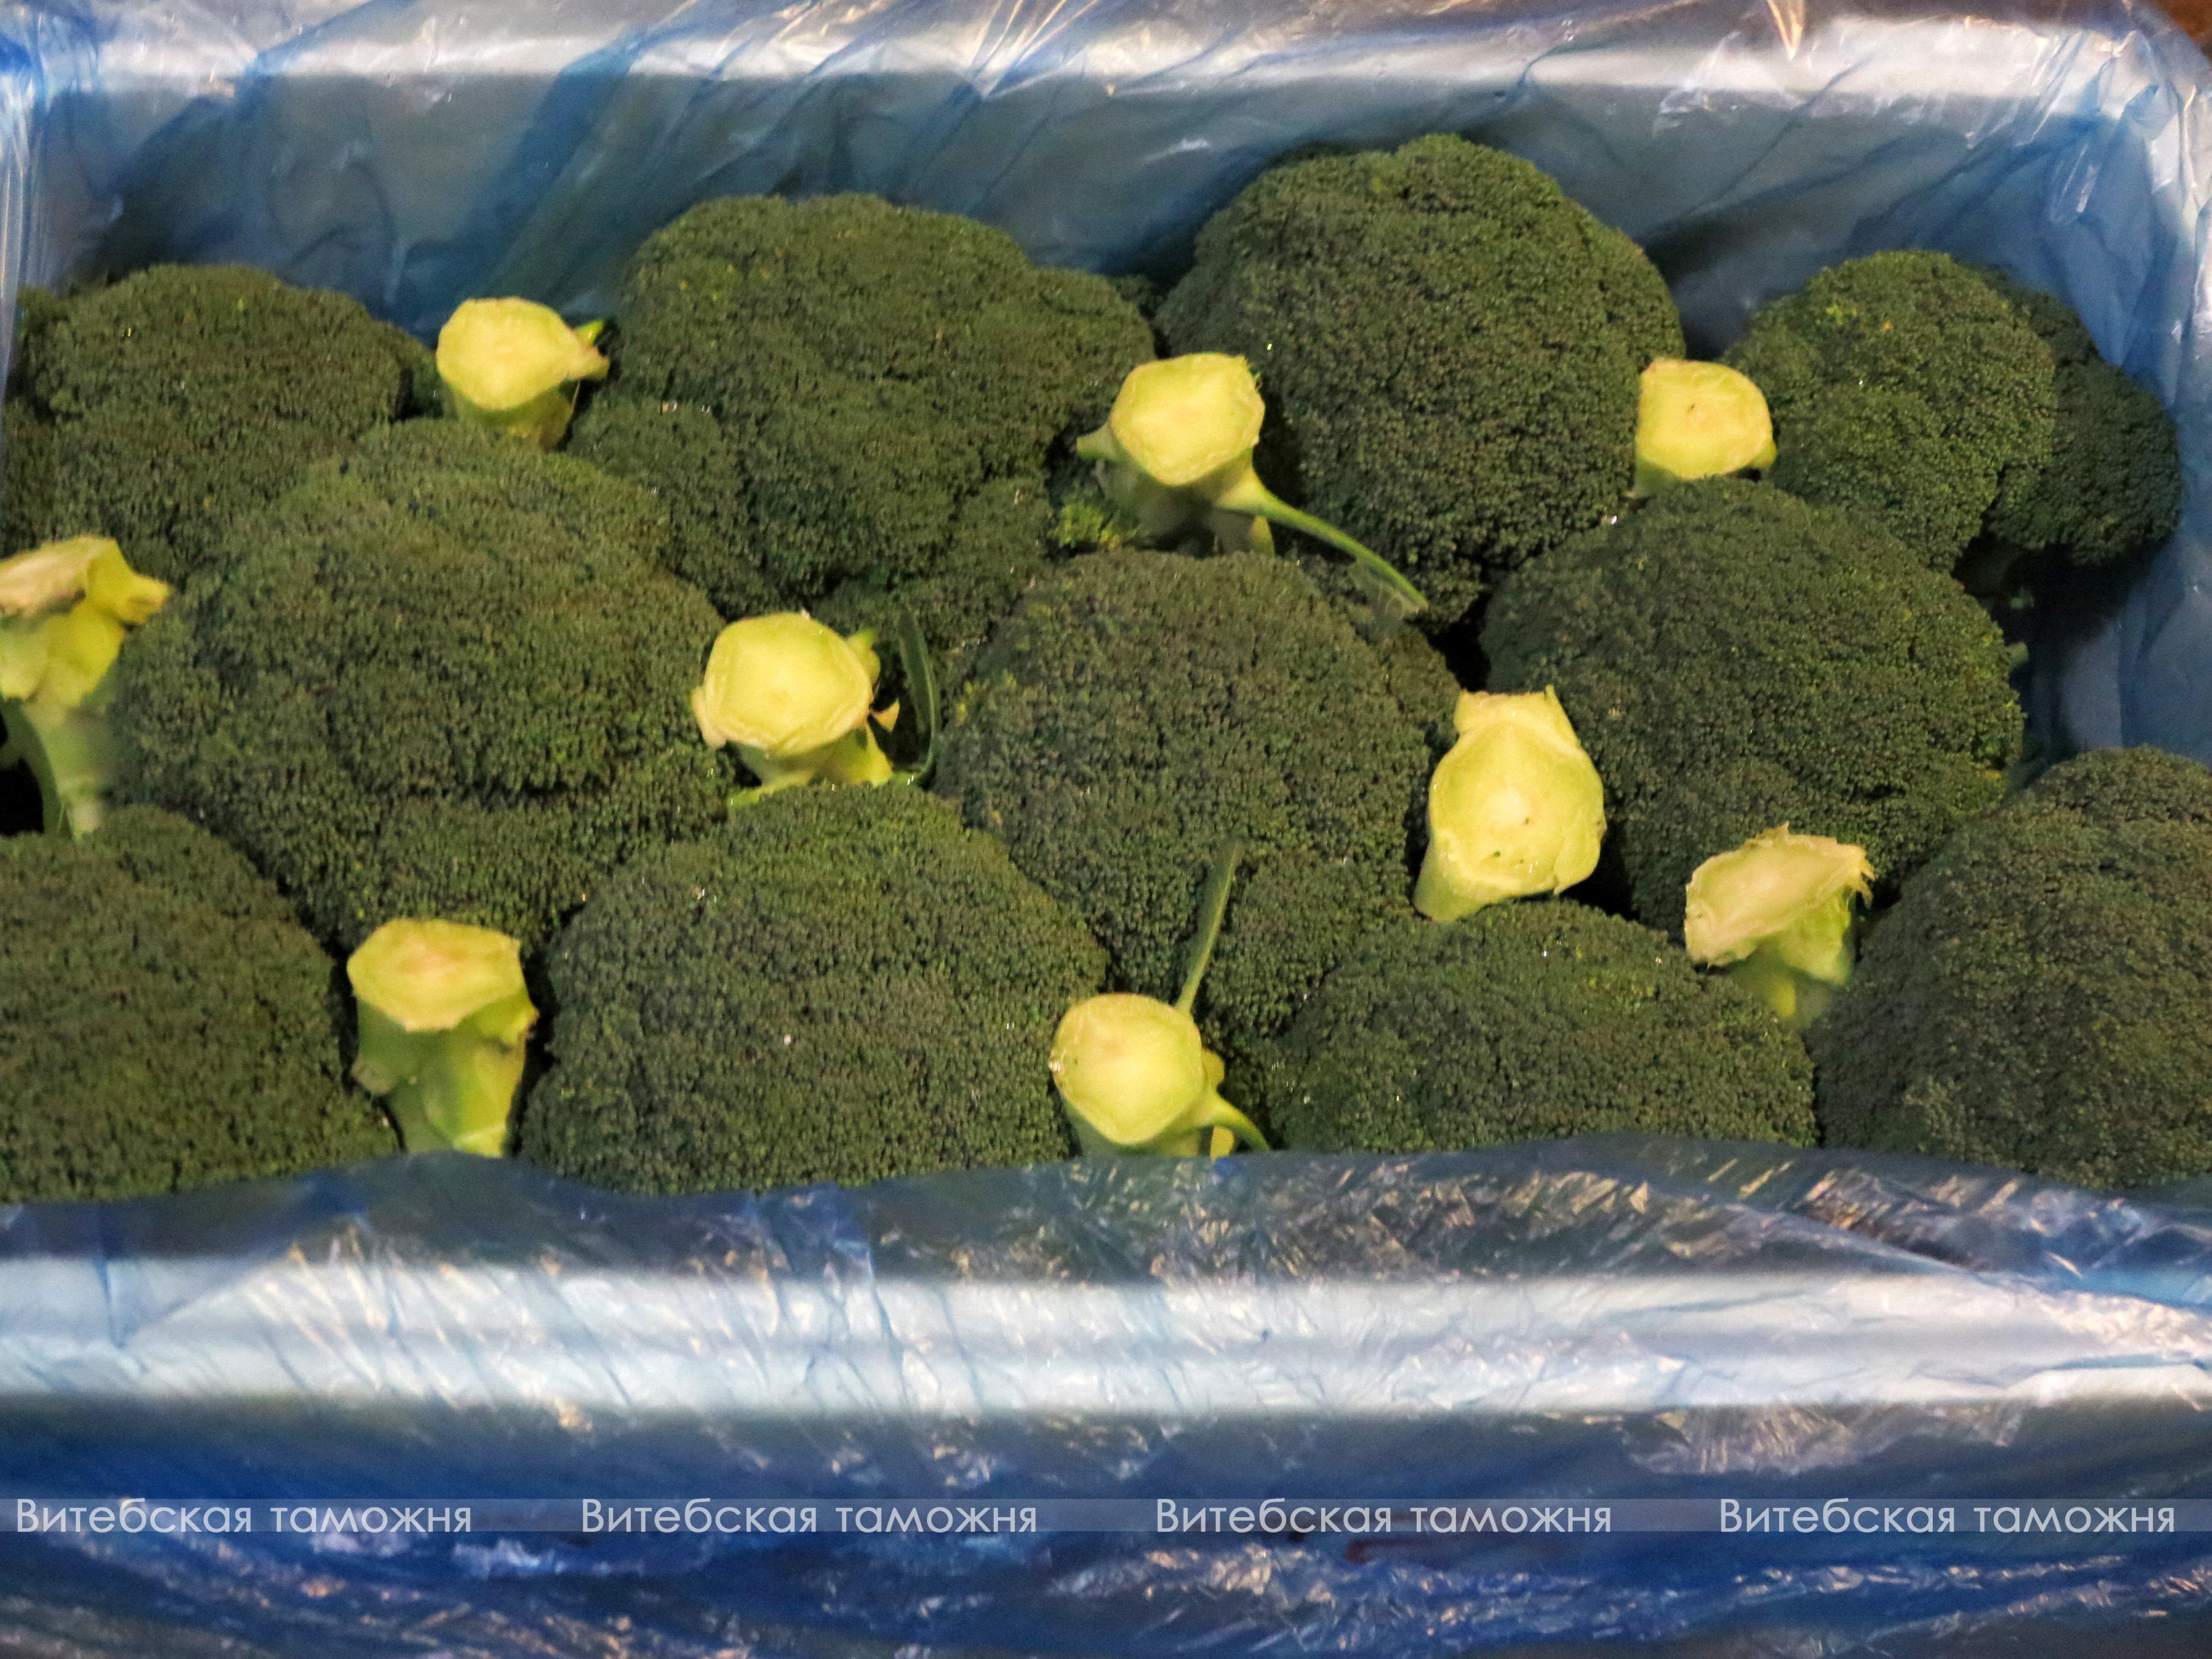 Витебские таможенники поймали нелегальный груз овощей и фруктов. Фото: Витебская таможня.